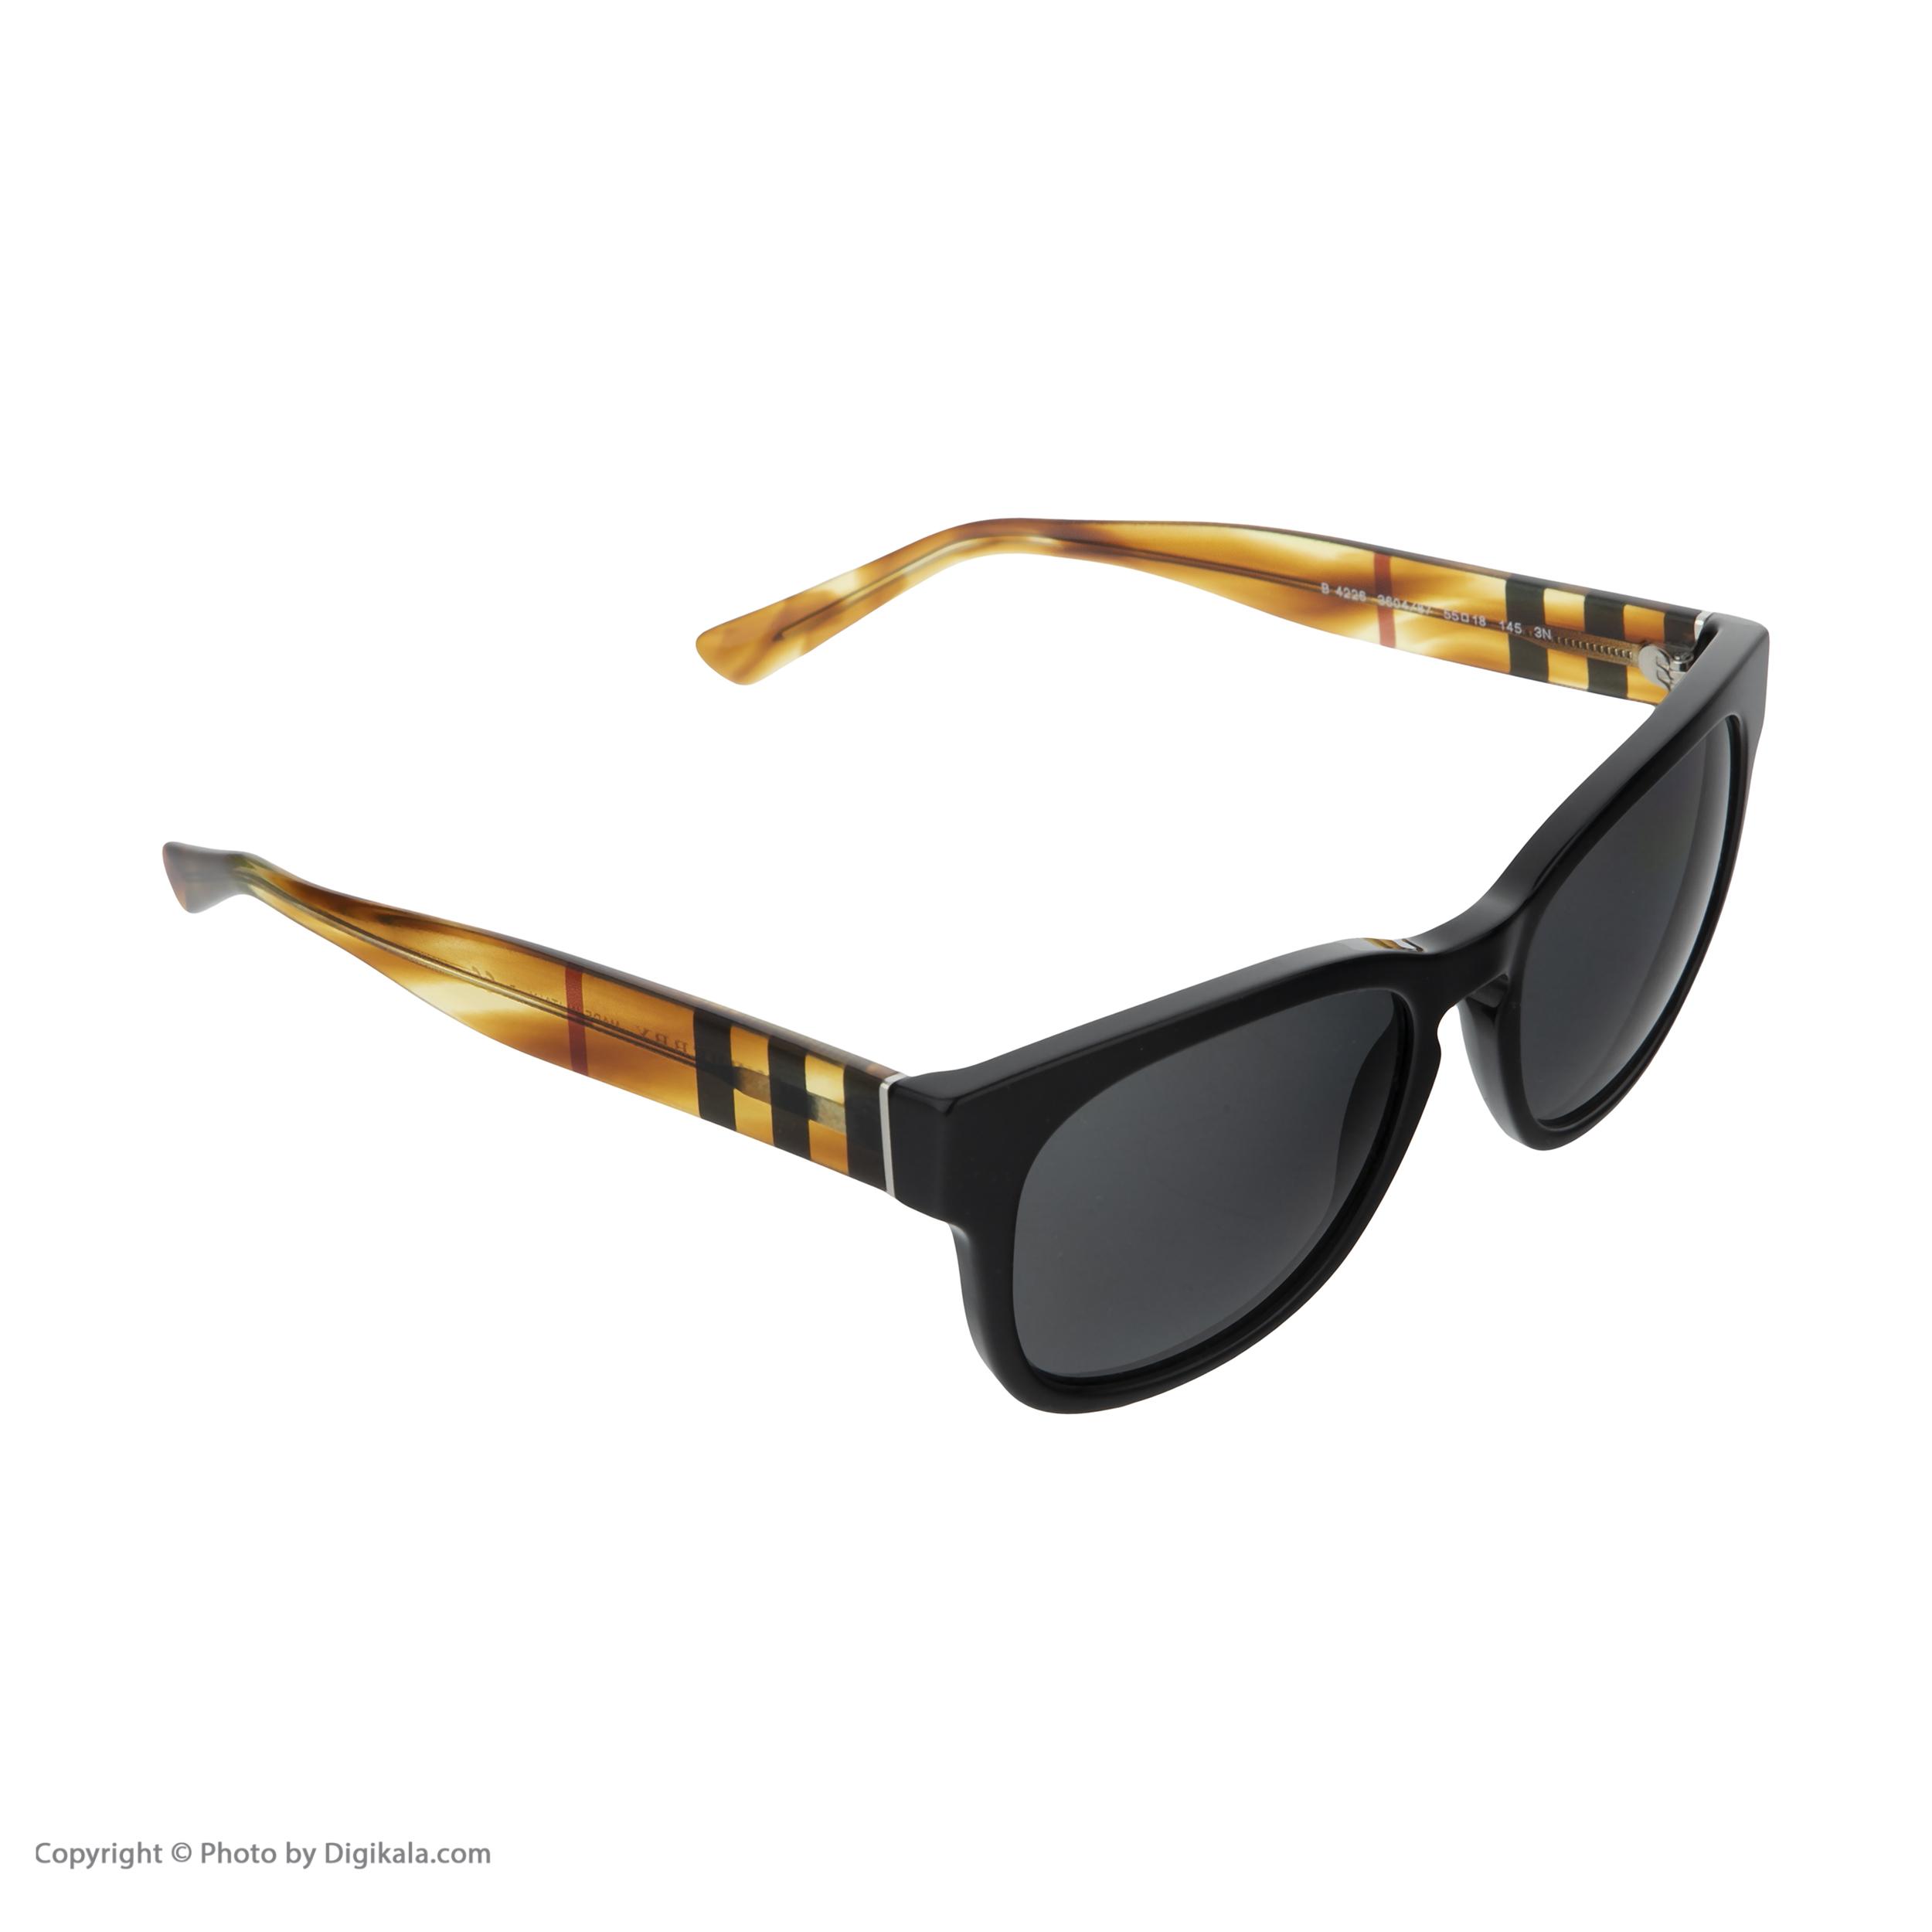 عینک آفتابی مردانه بربری مدل BE 4226S 360487 55 -  - 4